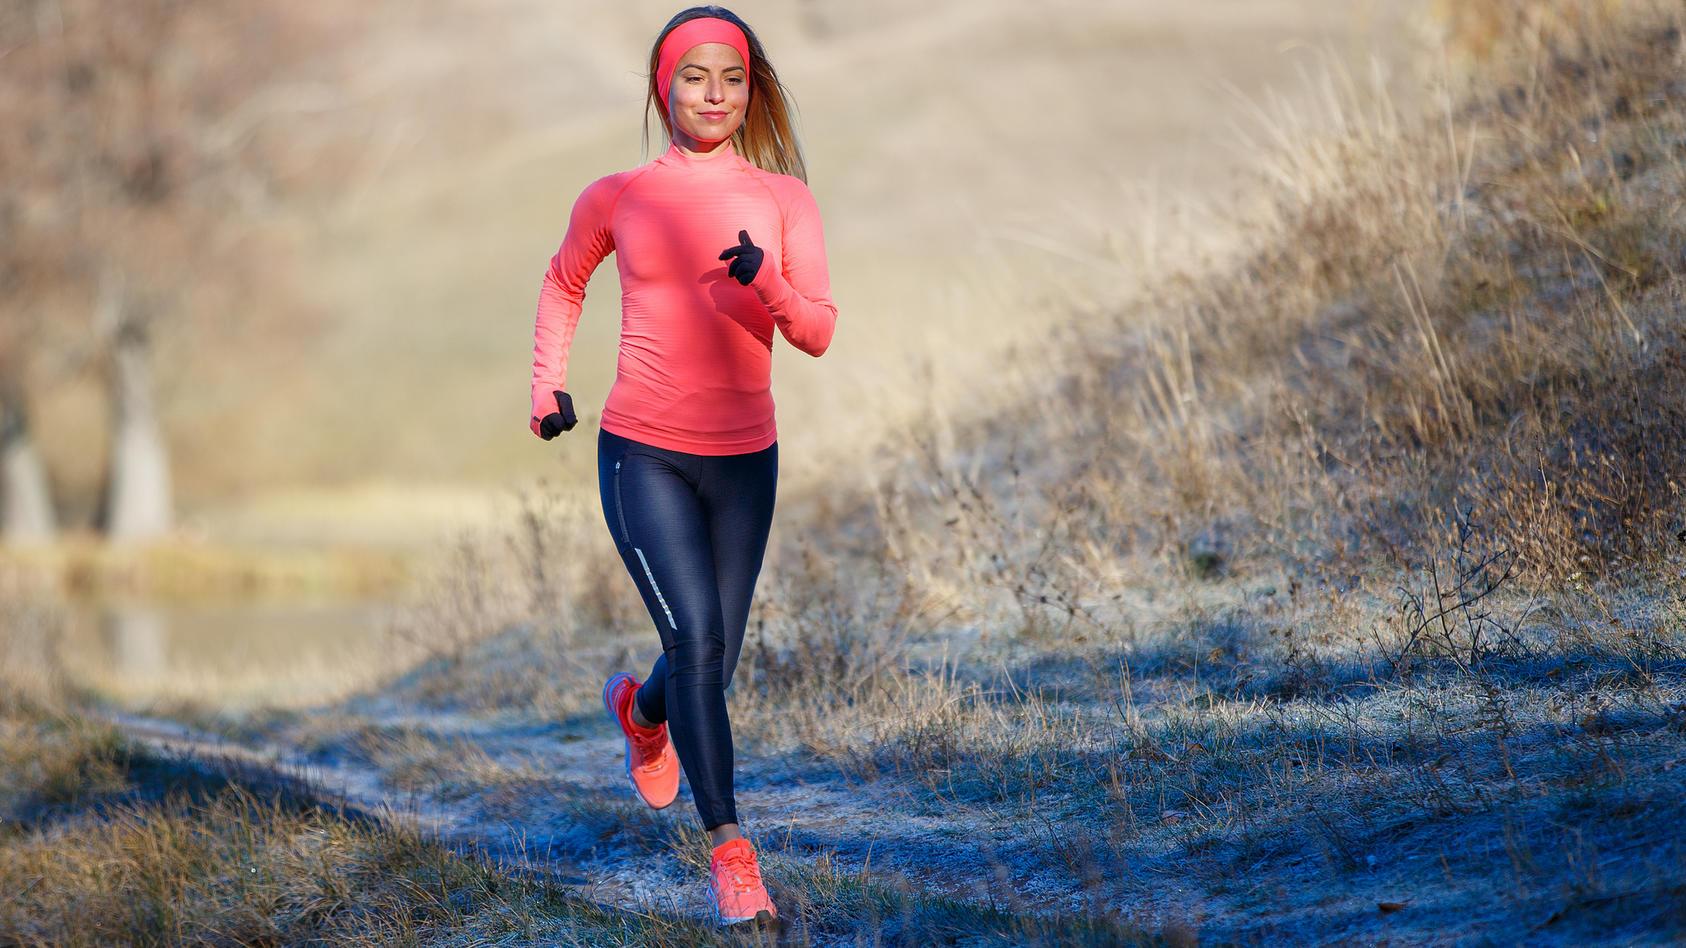 Auch in der kälteren Jahreszeit ist ein gesundes und sicheres Lauftraining möglich